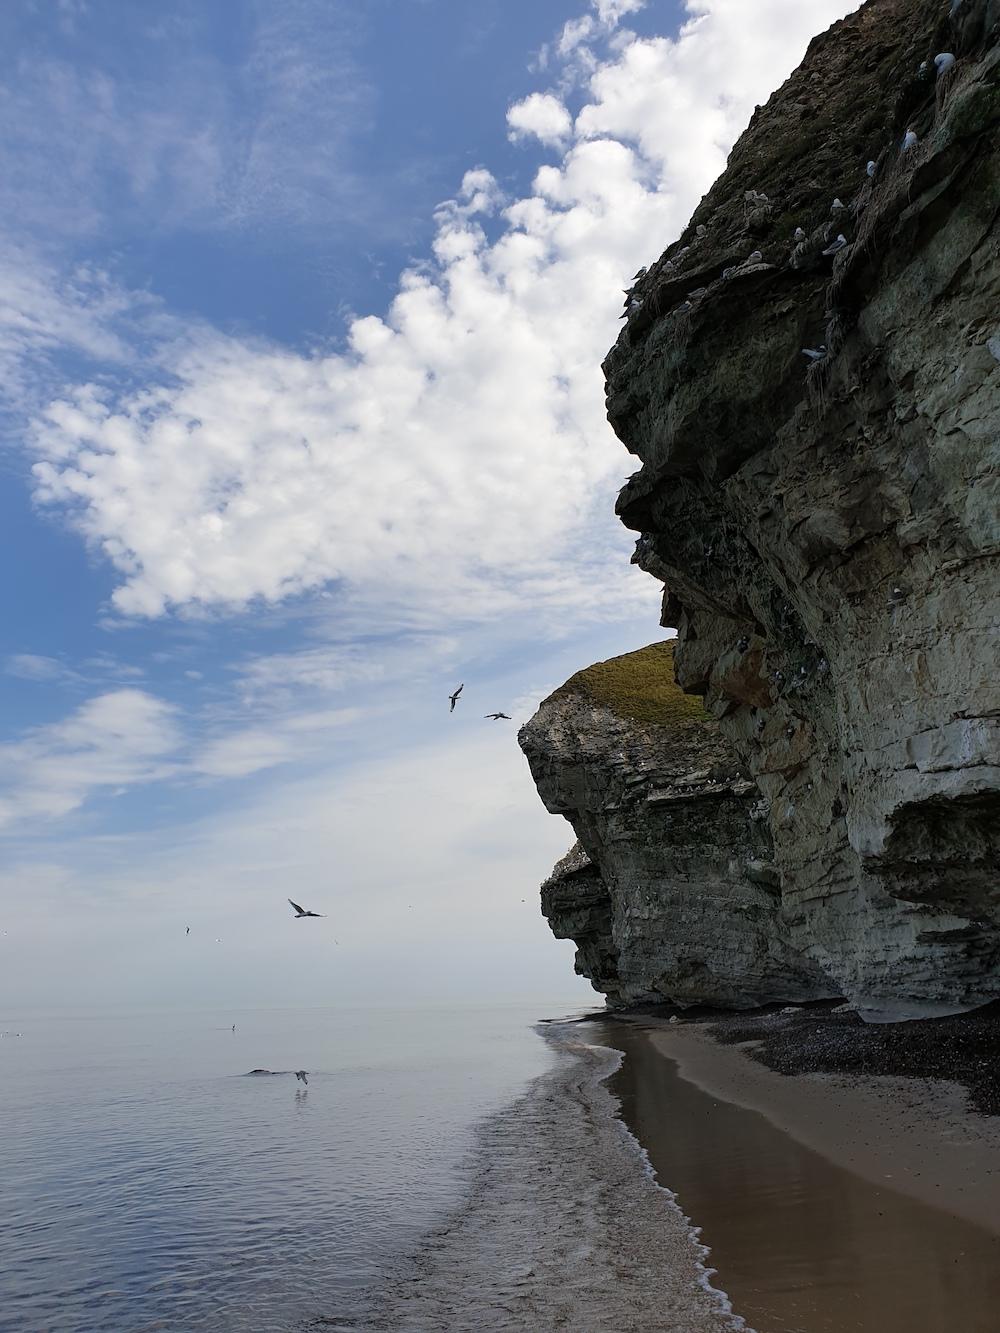 kalkstenen rots Bulbjerg in Denemarken